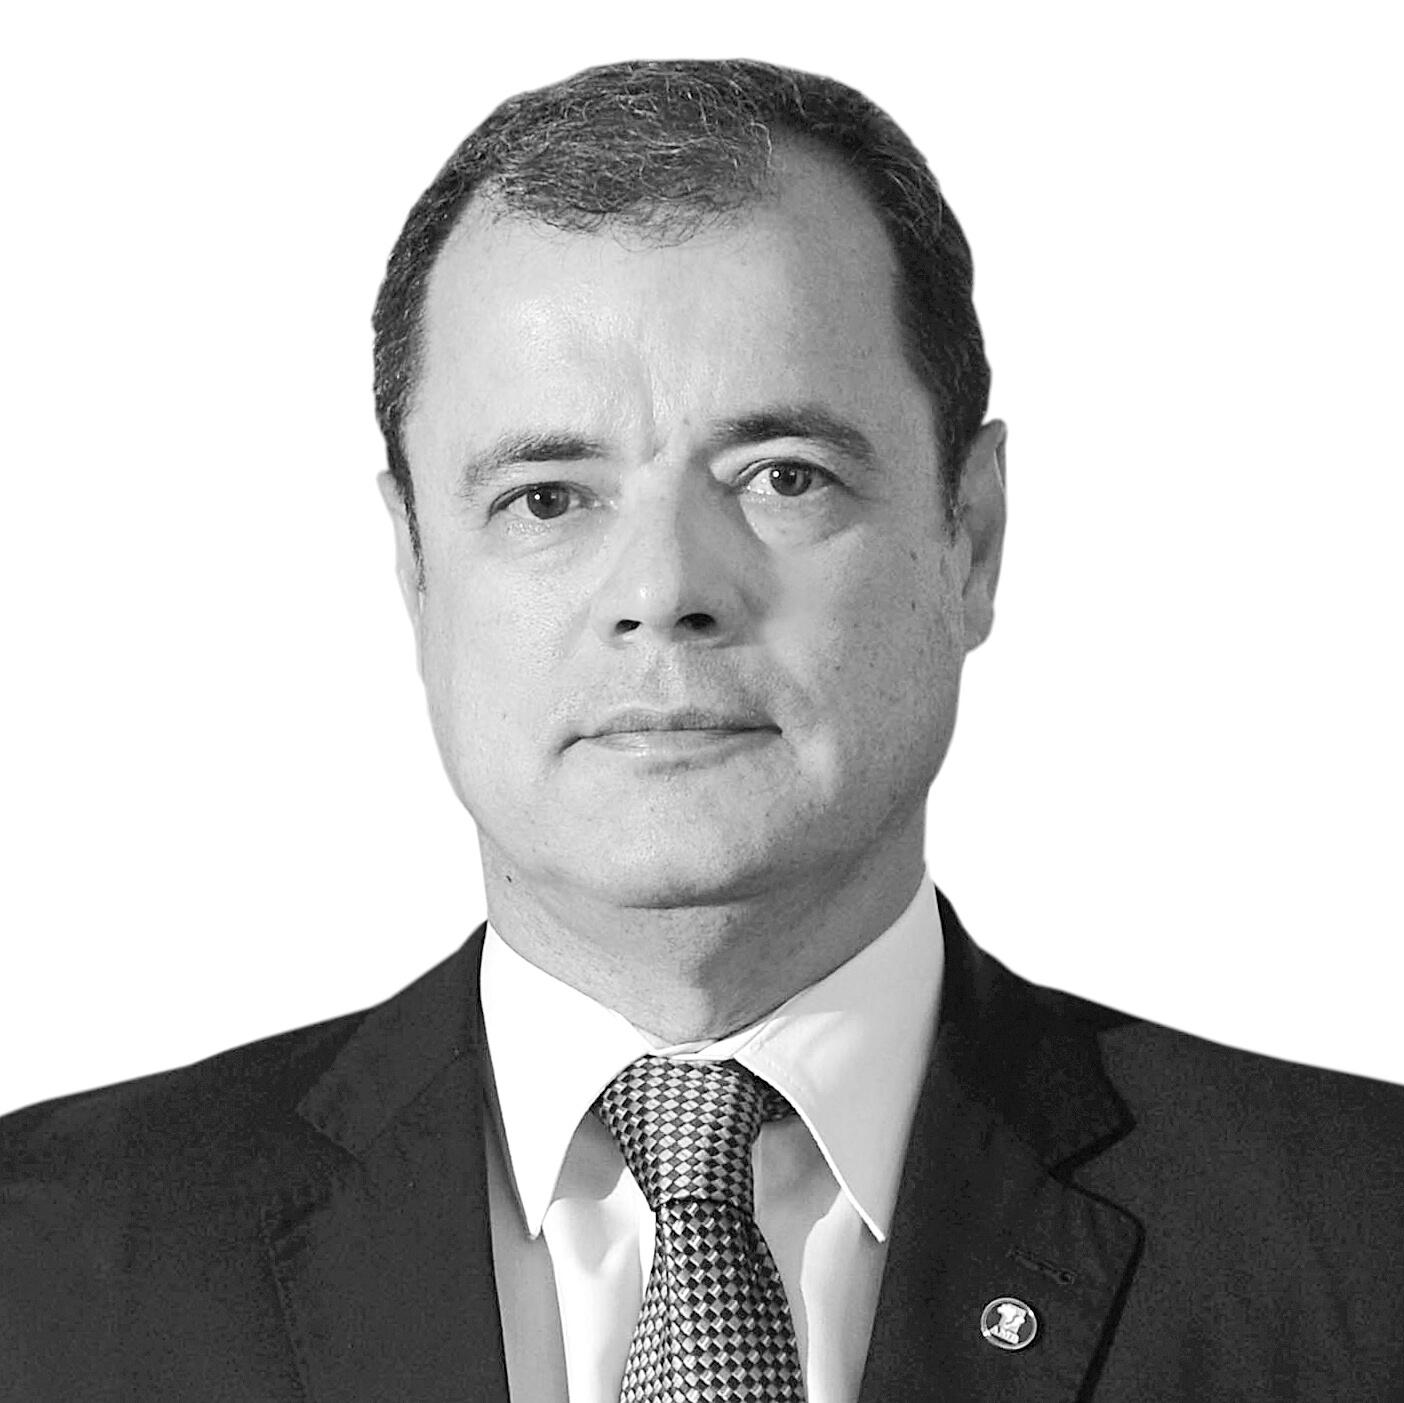 João Ricardo Dos Santos Costa